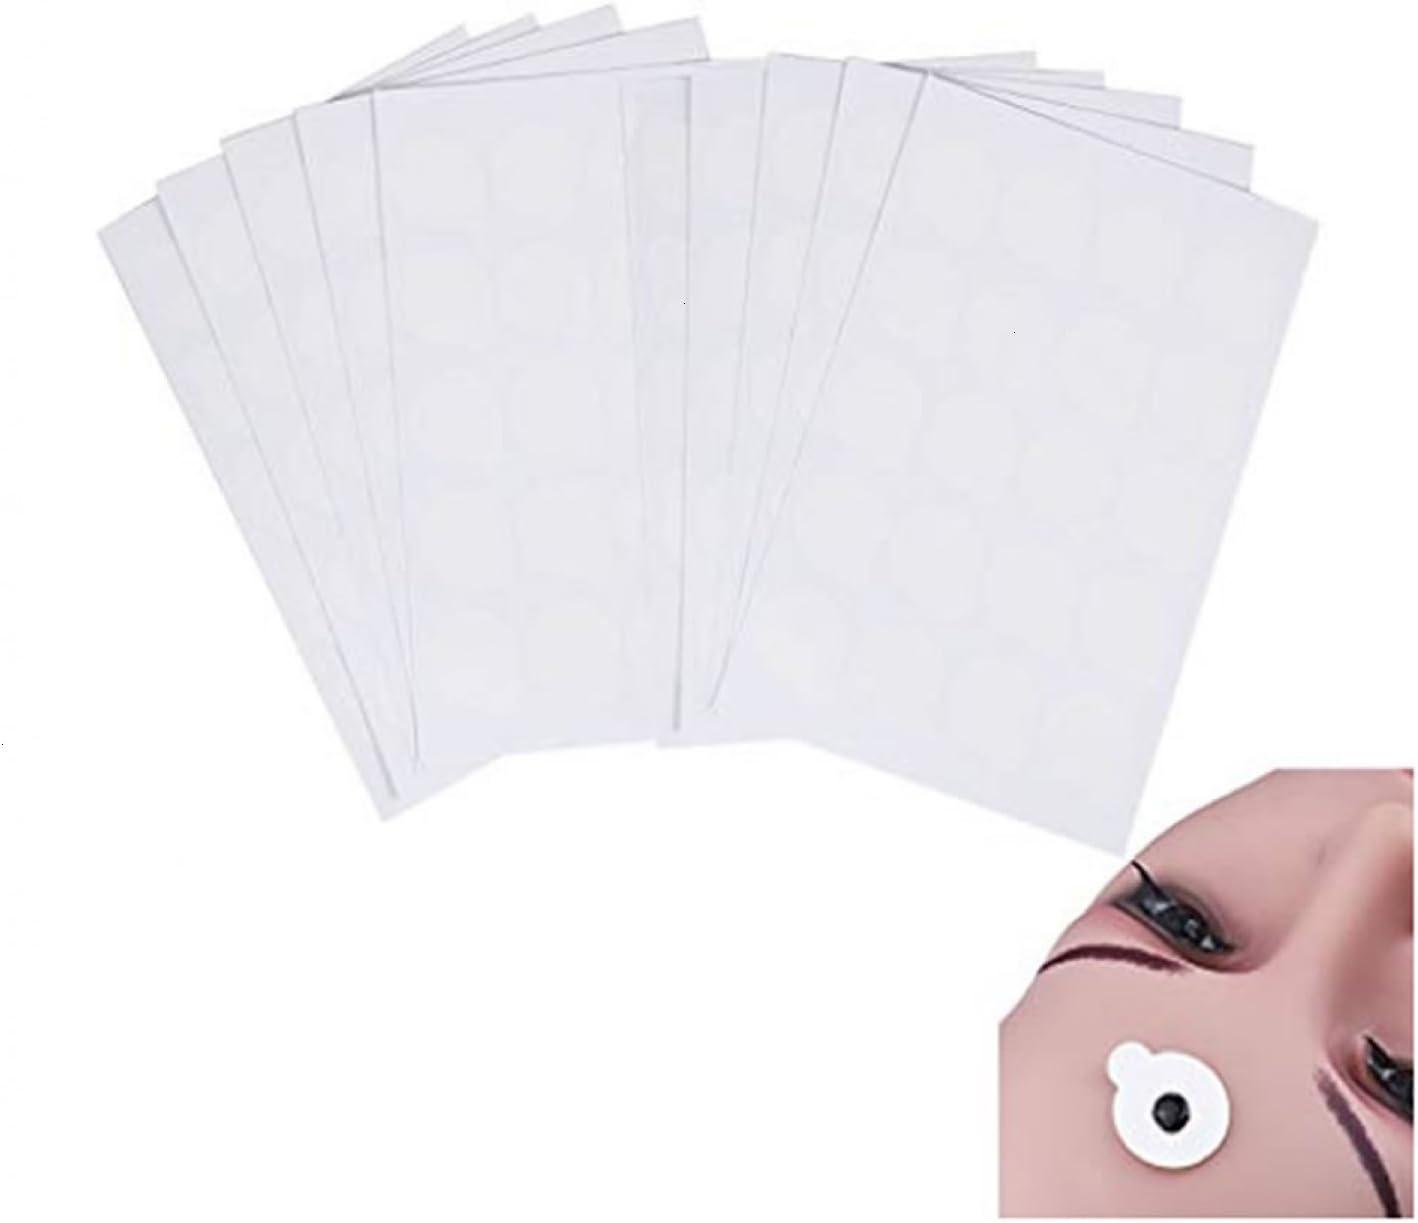 Pomeat 200pcs Disposable Eyelash Extension Adhesive Glue Pallet Sticker Pads 2.4 cm